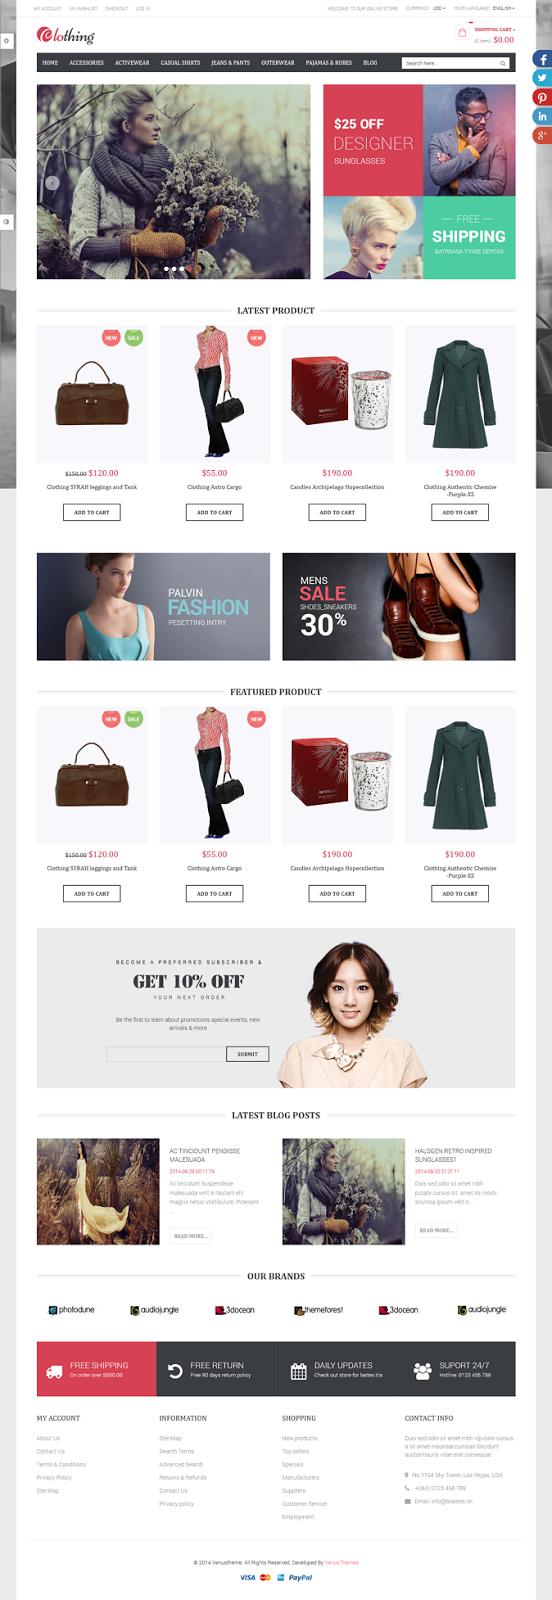 Free responsive ecommerce theme